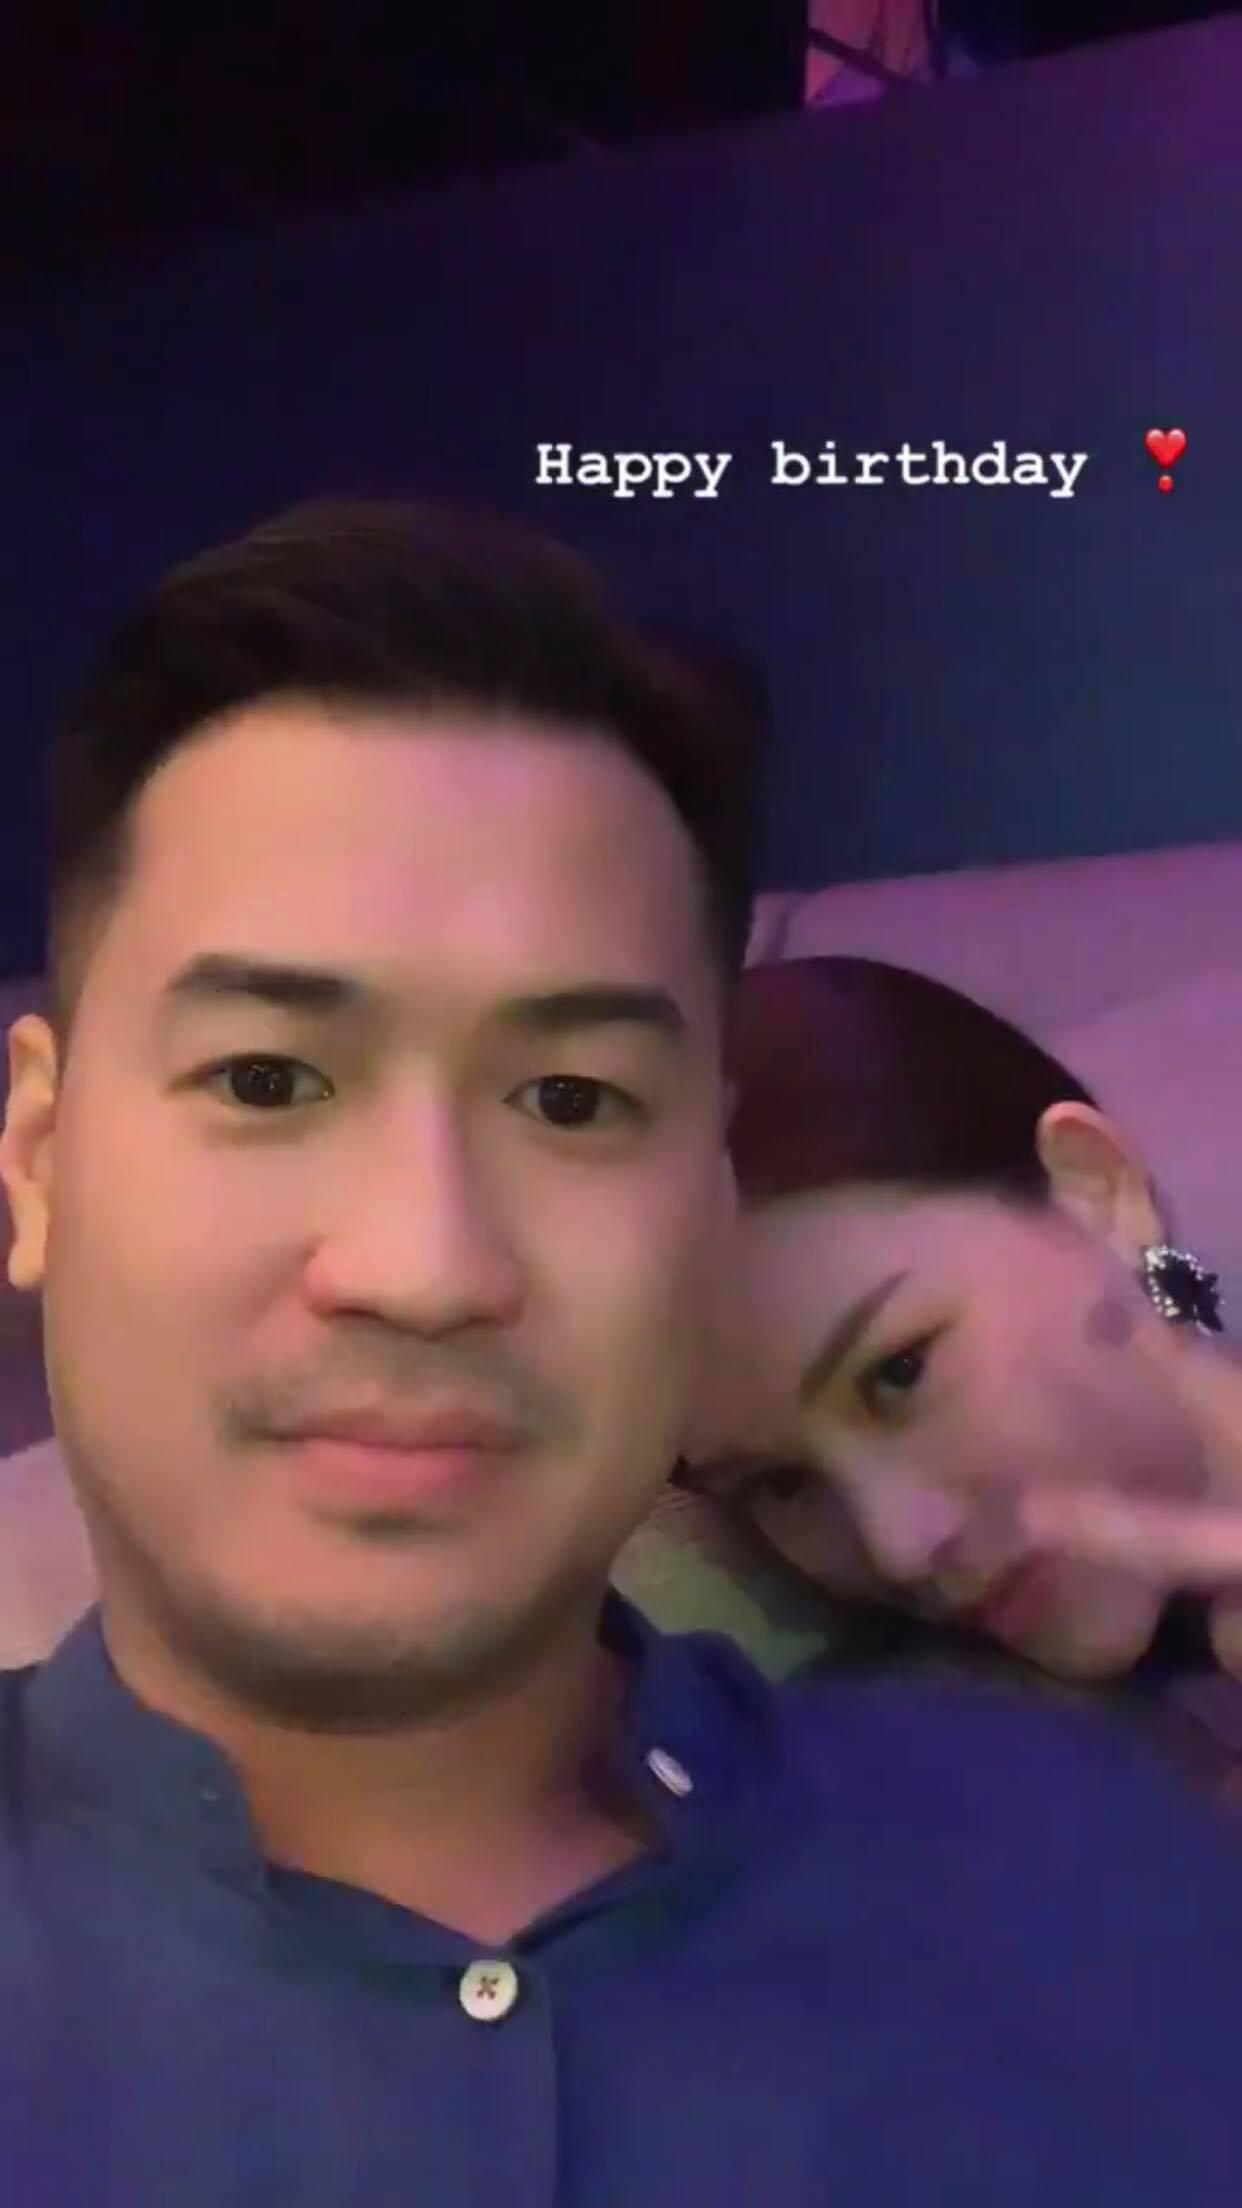 Công khai yêu em chồng Hà Tăng, hot girl Linh Rin khoe chuyện tình vừa lãng mạn vừa sang chảnh-2